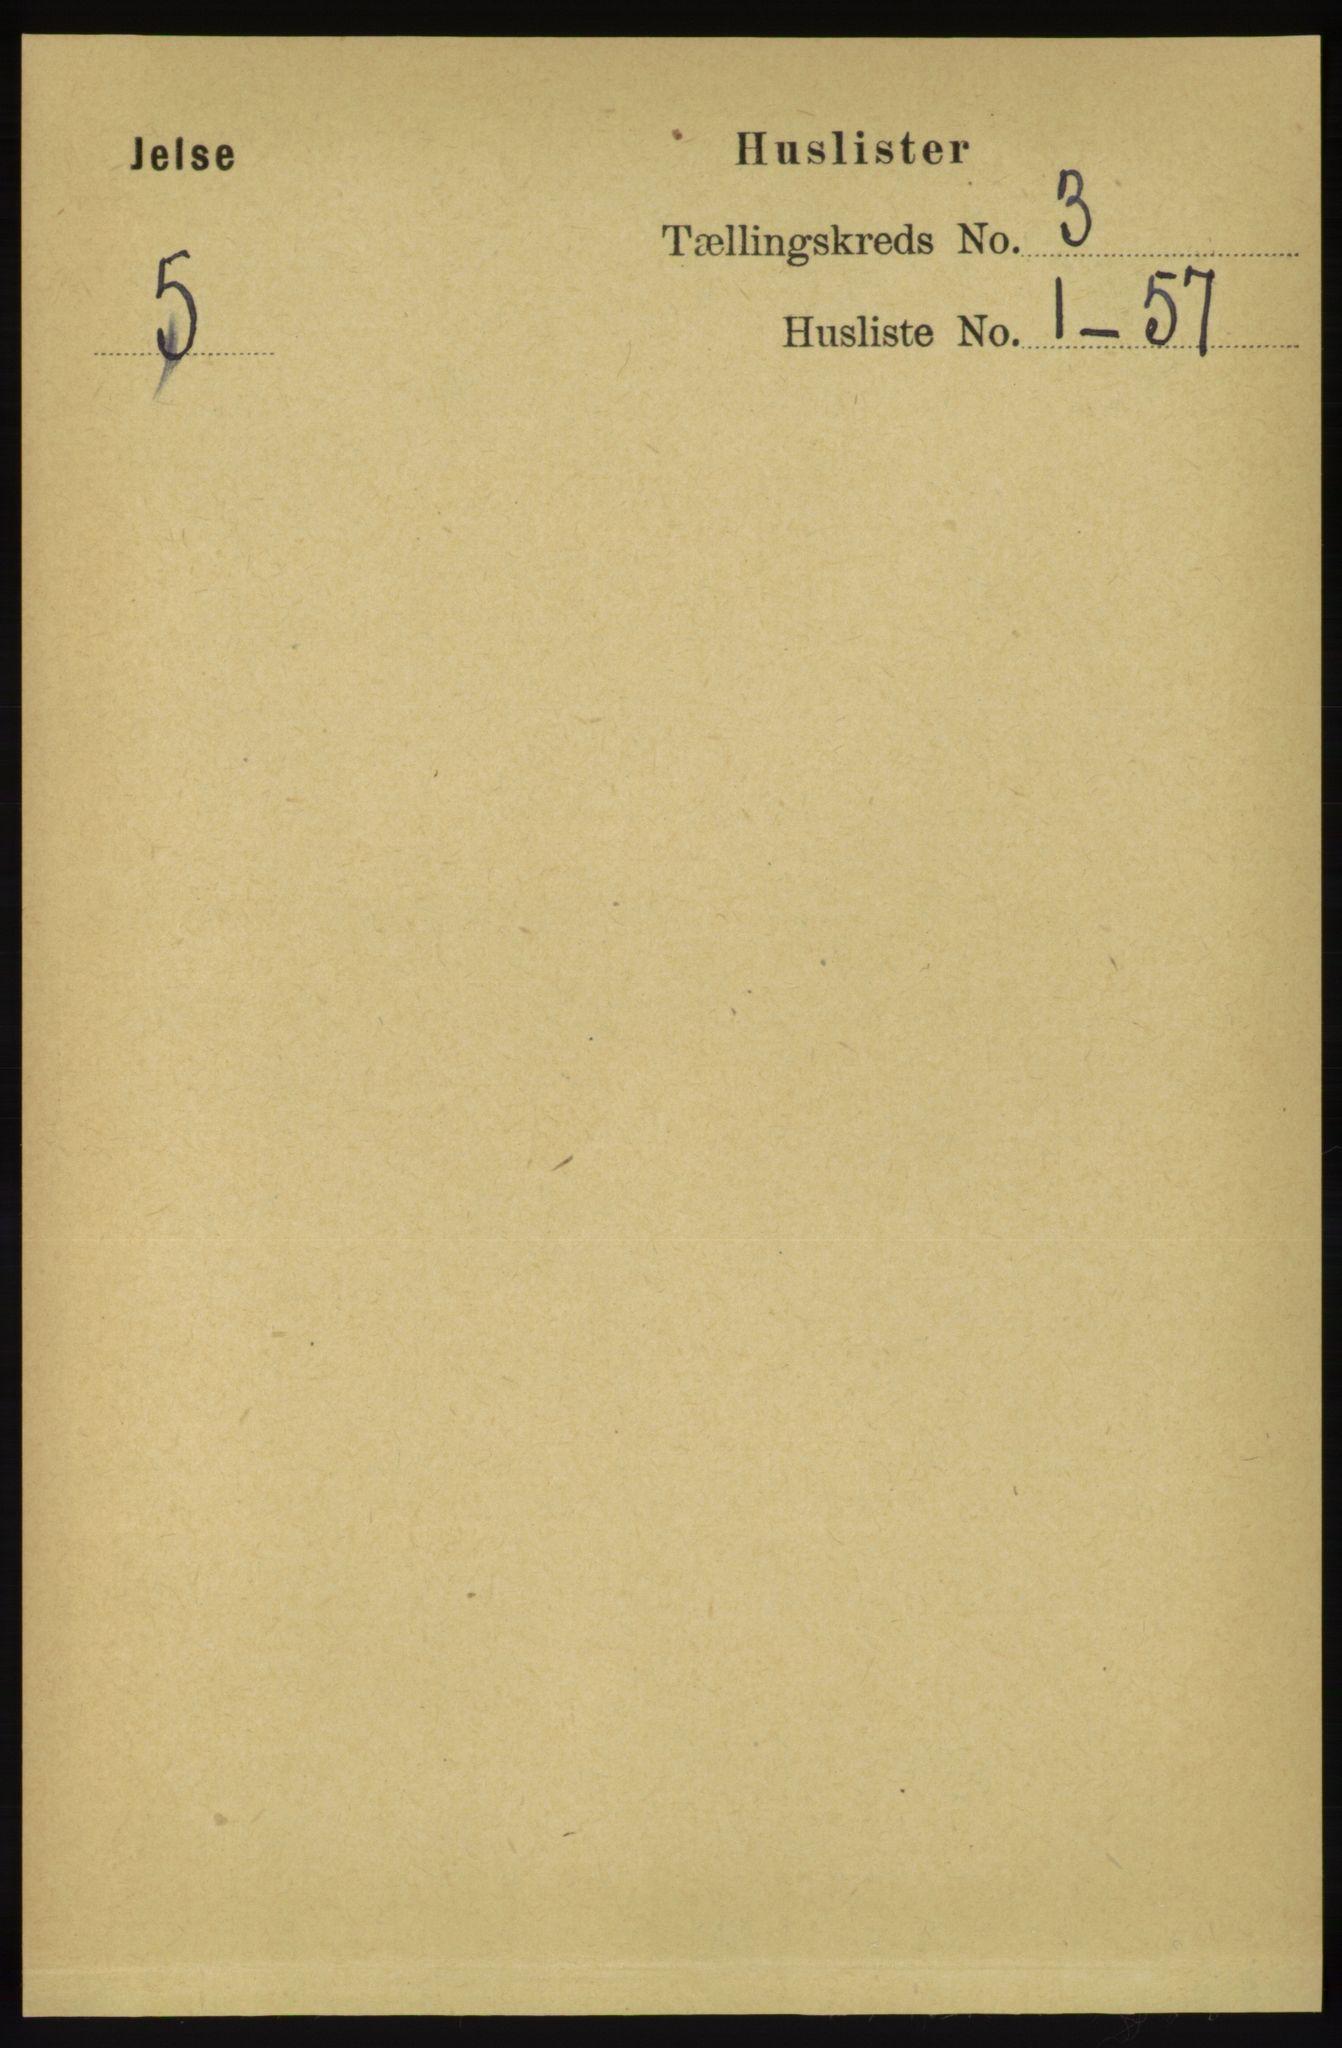 RA, Folketelling 1891 for 1138 Jelsa herred, 1891, s. 327